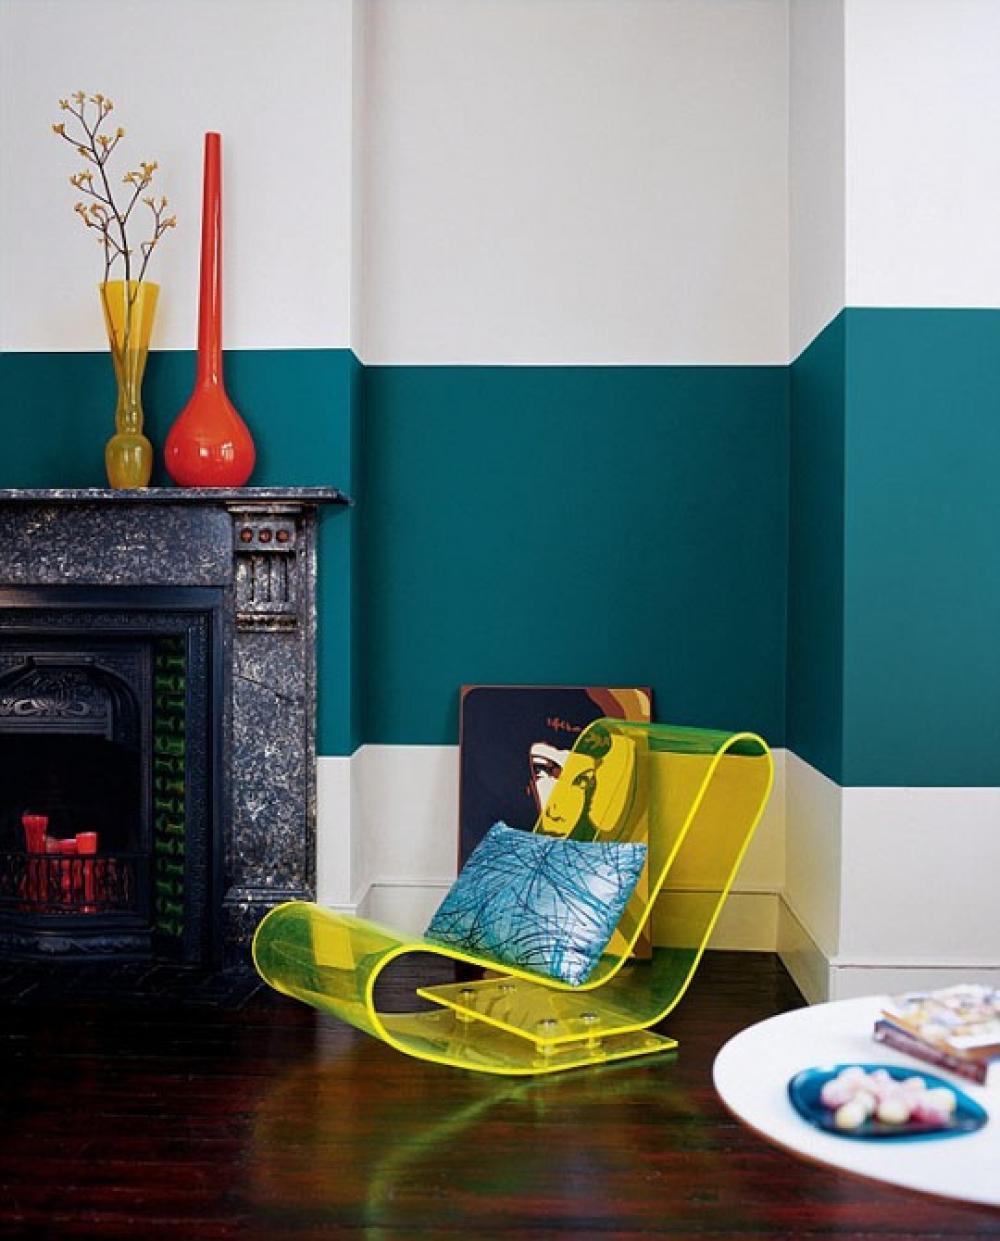 peinture murale pour une ambiance d int rieur gaie. Black Bedroom Furniture Sets. Home Design Ideas